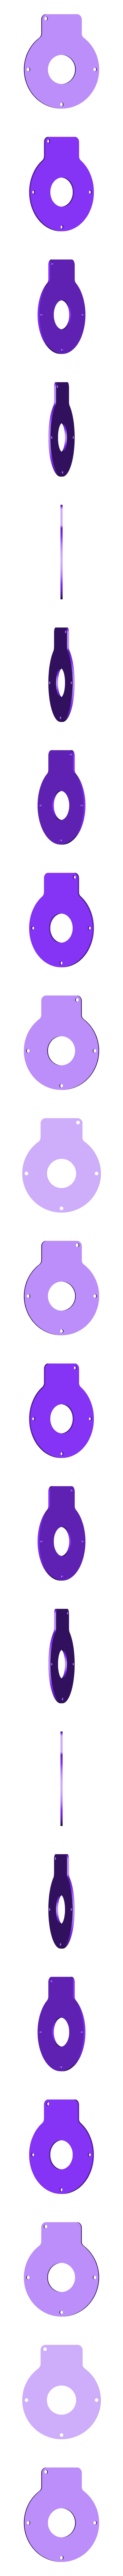 rid.stl Télécharger fichier STL gratuit Hi-Hat Controller Ver.2 • Objet pour impression 3D, RyoKosaka